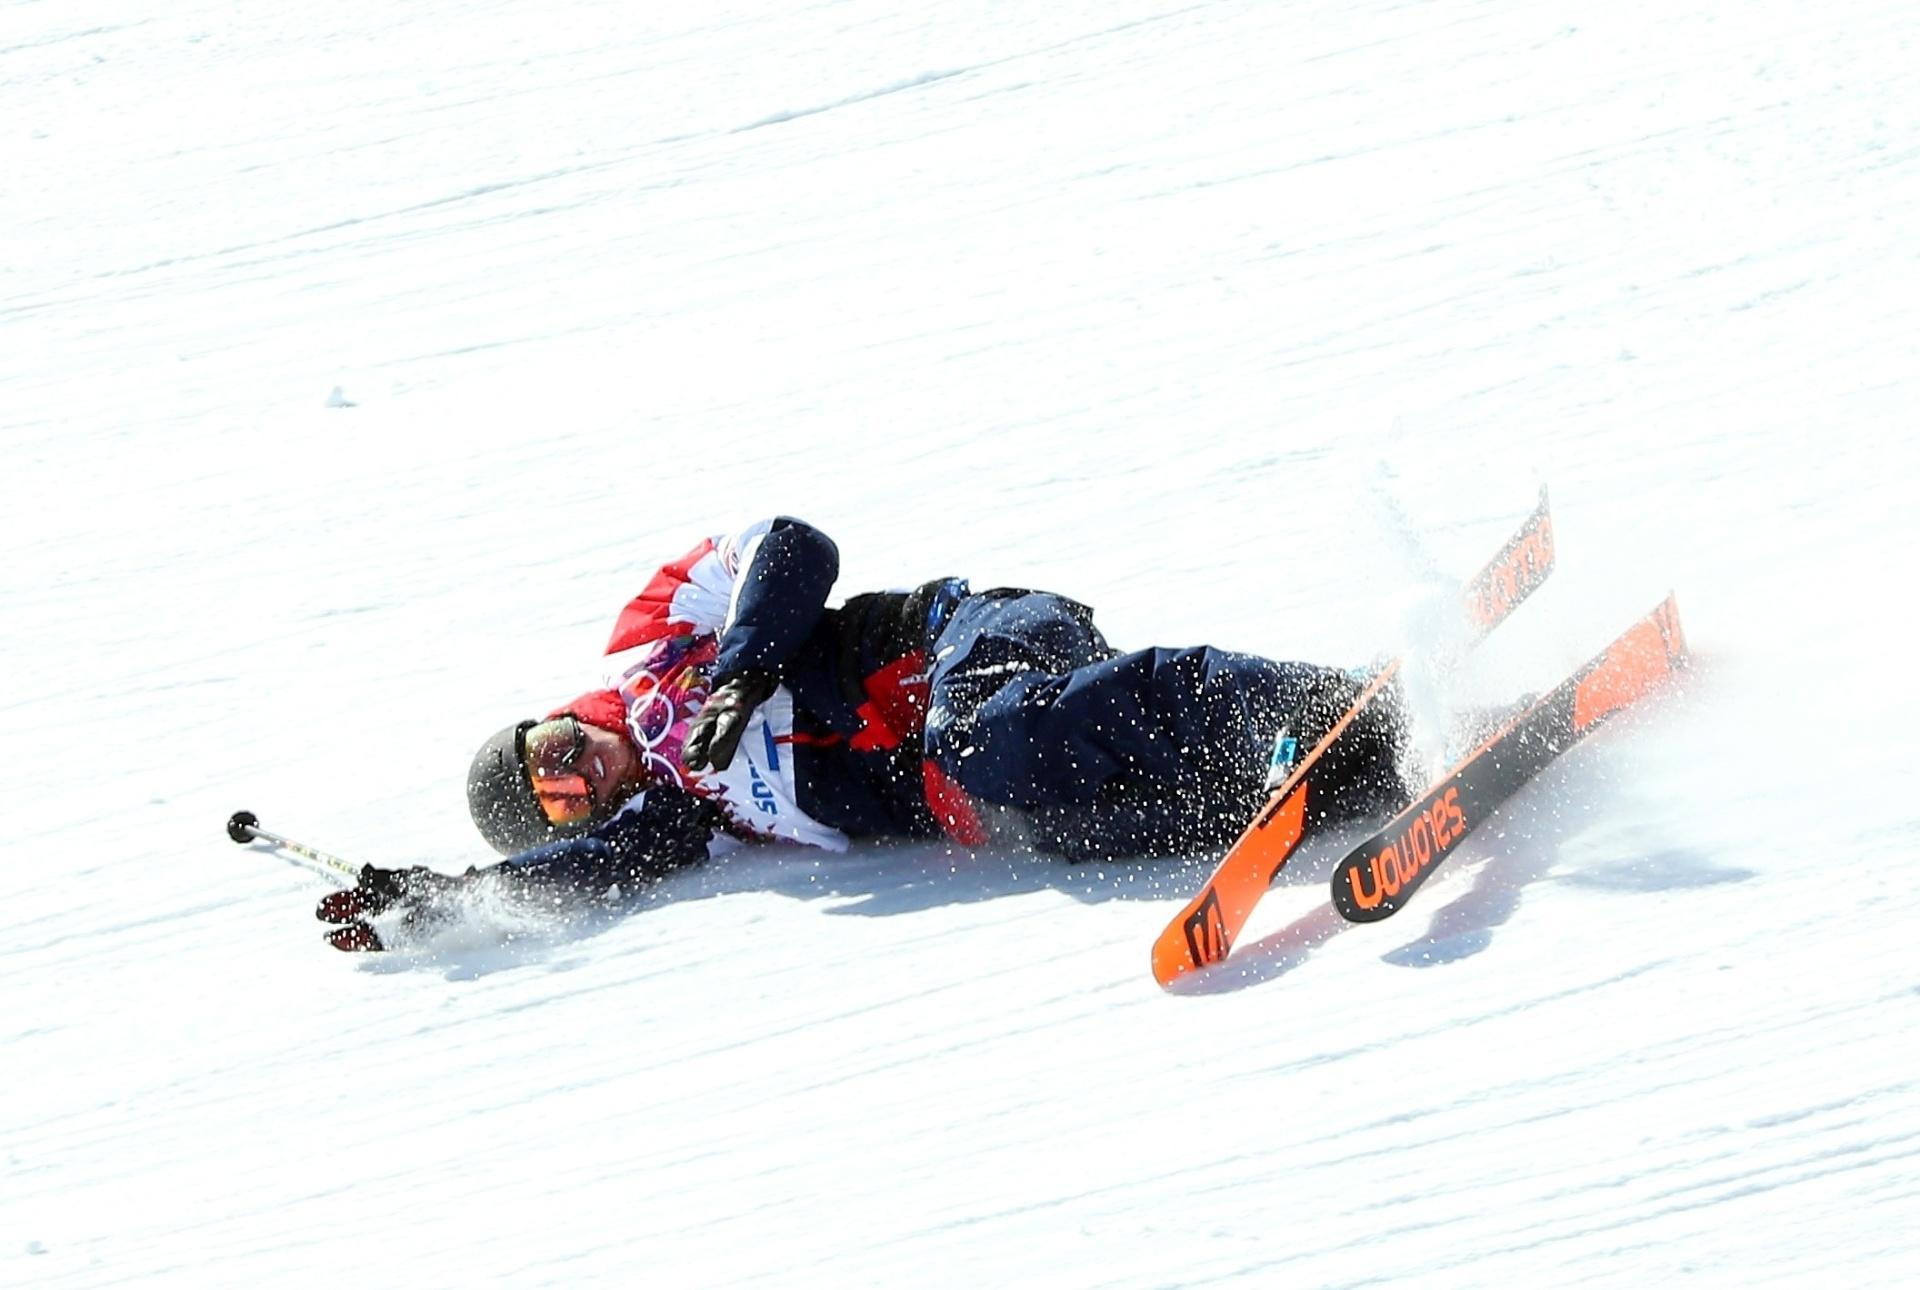 08.02.2014 - Britânico James Woods escorrega durante a prova de Ski Slopestyle